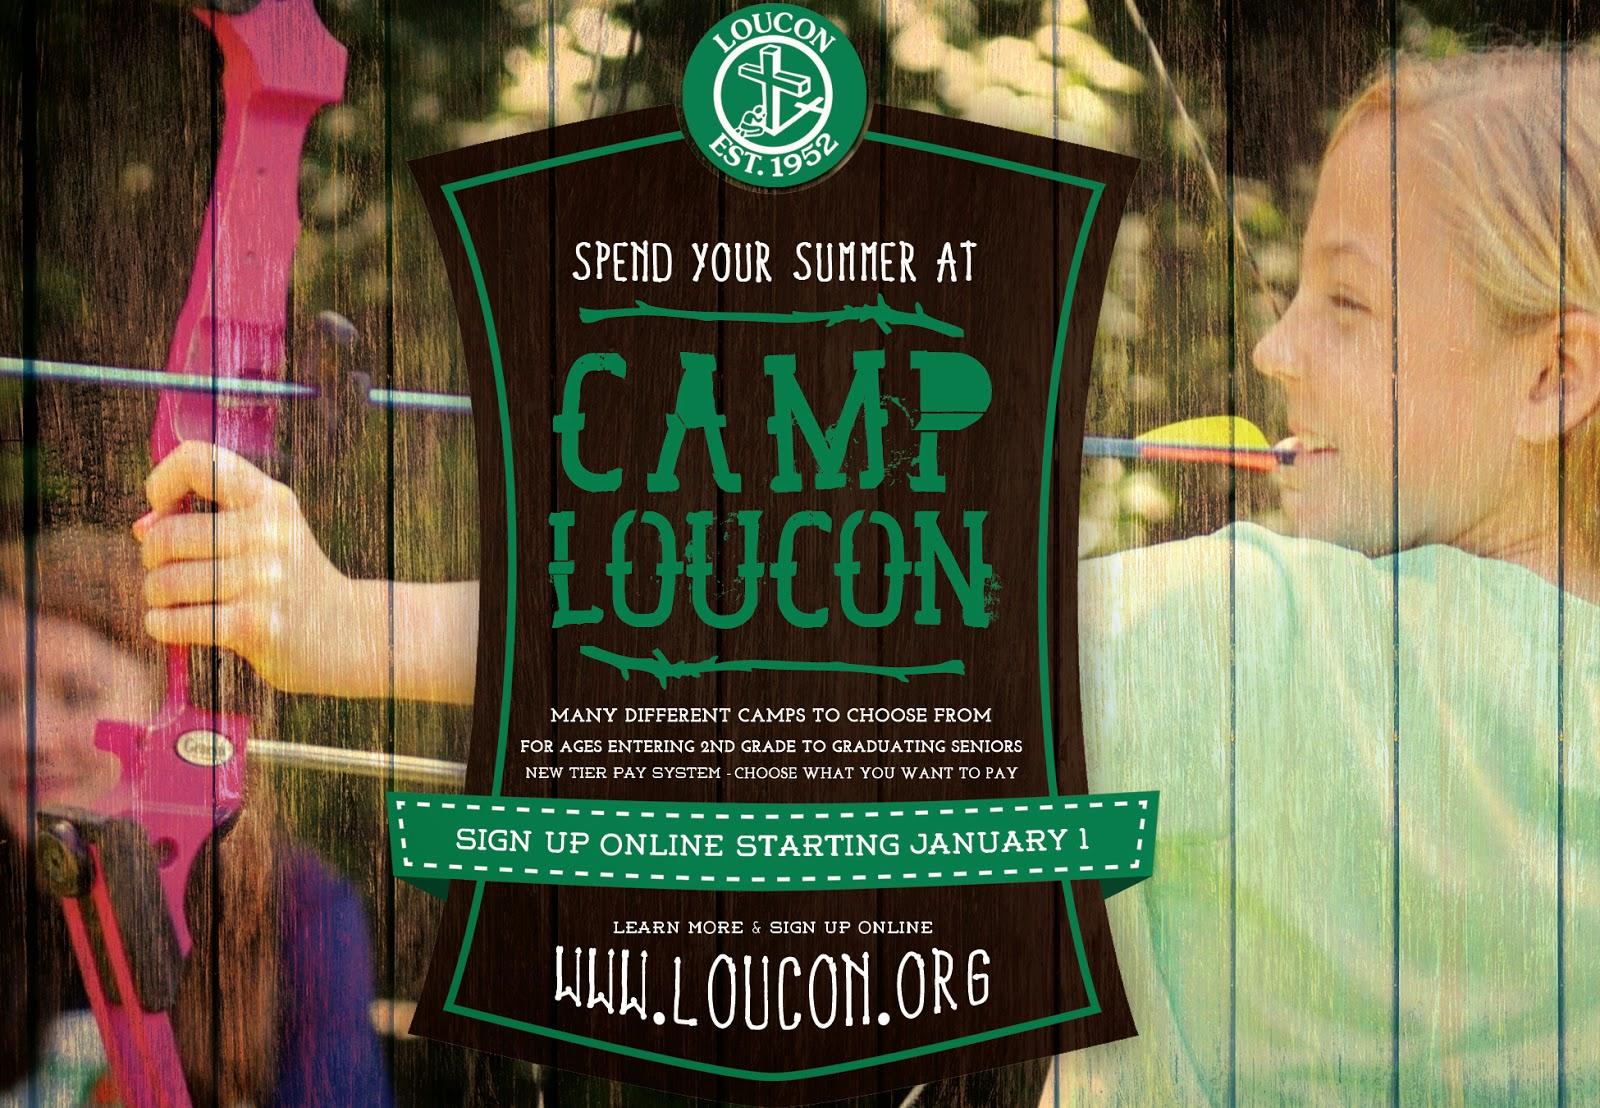 http://www.loucon.org/